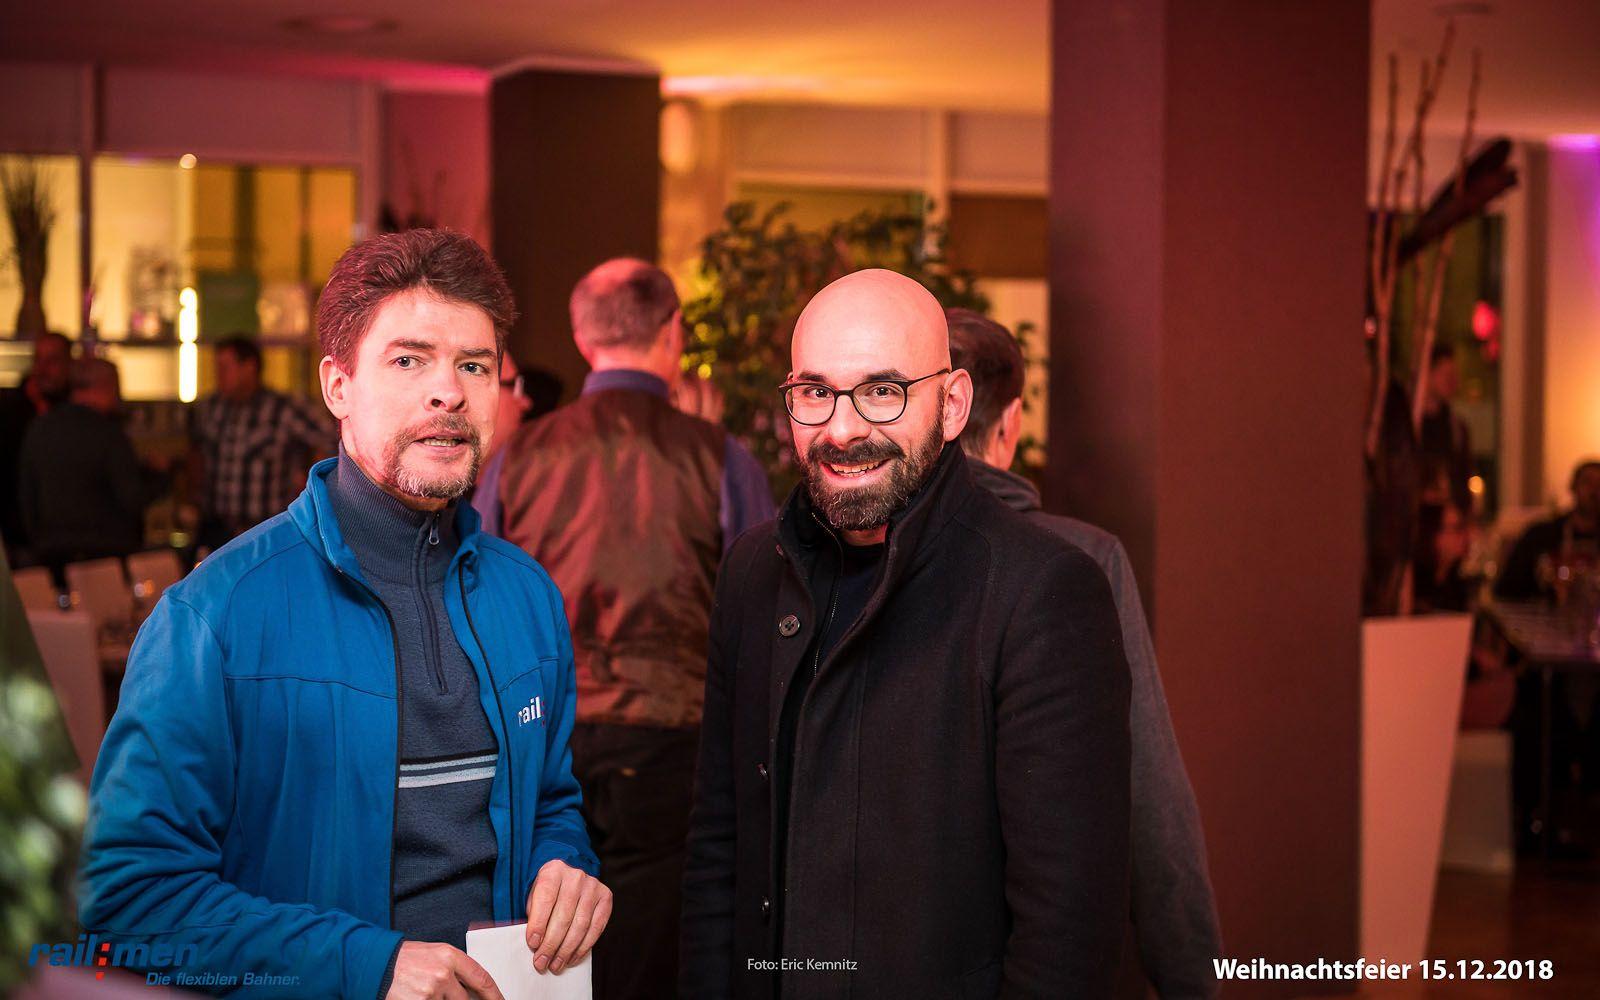 Railmen Geschäftsführer Andreas Schreiber bei der Feinabstimmung mit dem Moderator des Abends